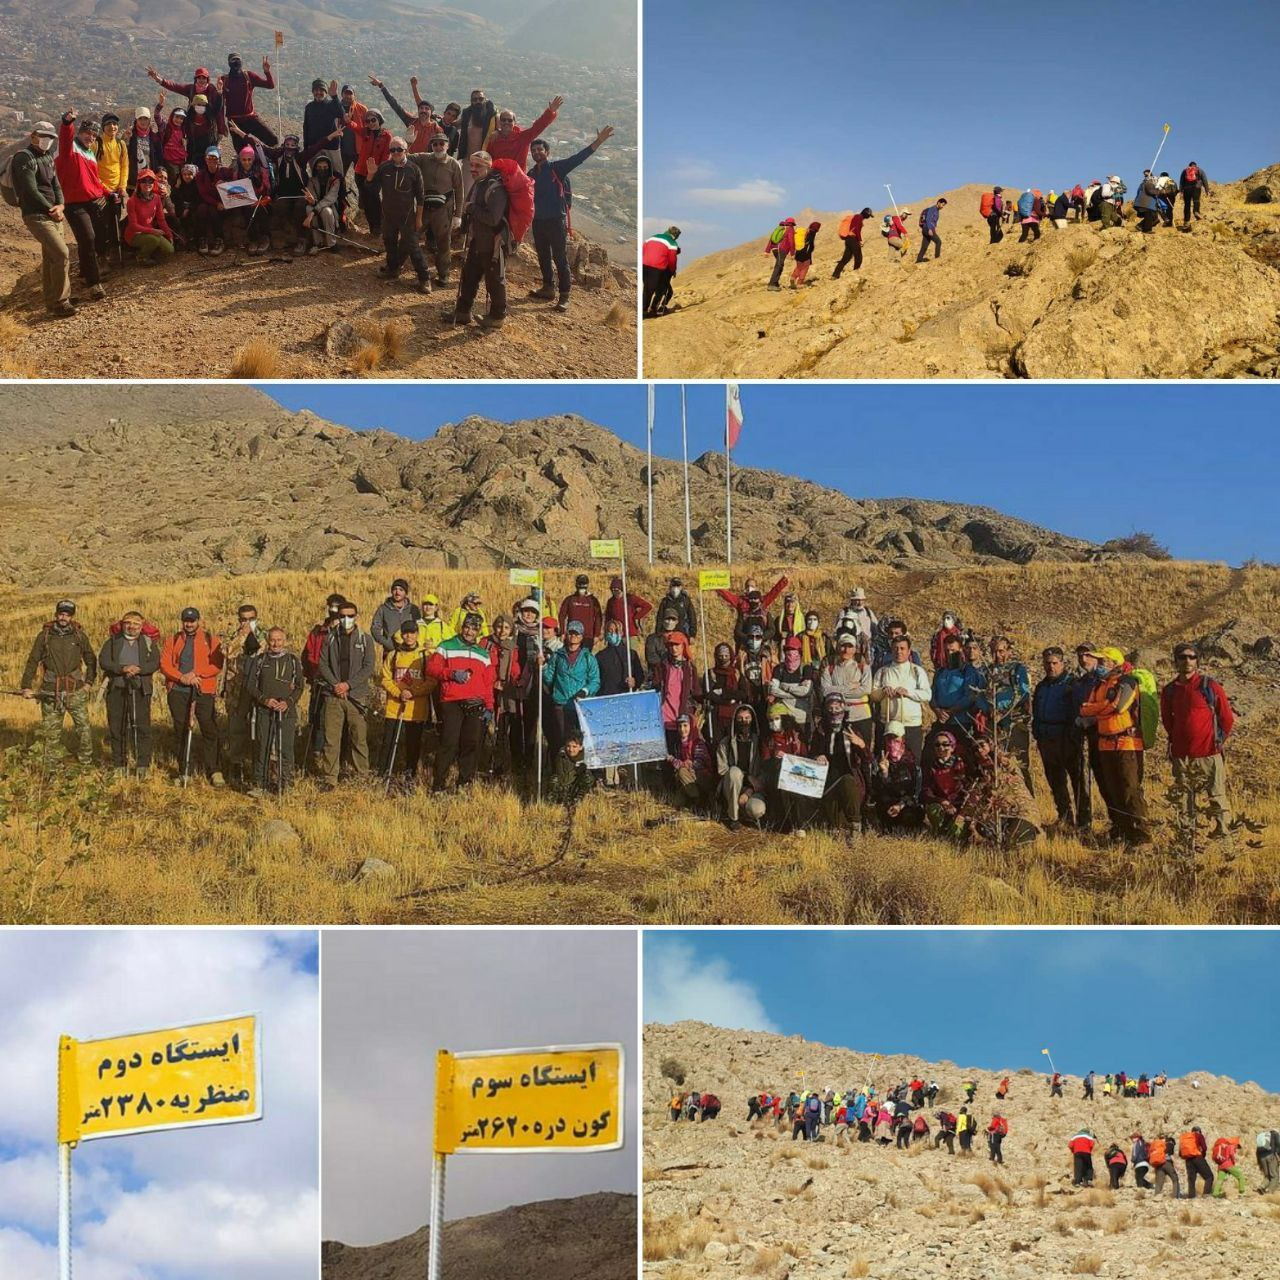 صعود همگانی کوهنوردان شهرستان دماوند به قله ۲۷۸۰ متری تلکمر بهمناسبت هفته تربیتبدنی/ تابلوگذاری مسیر کوهپیمایی تلکمر